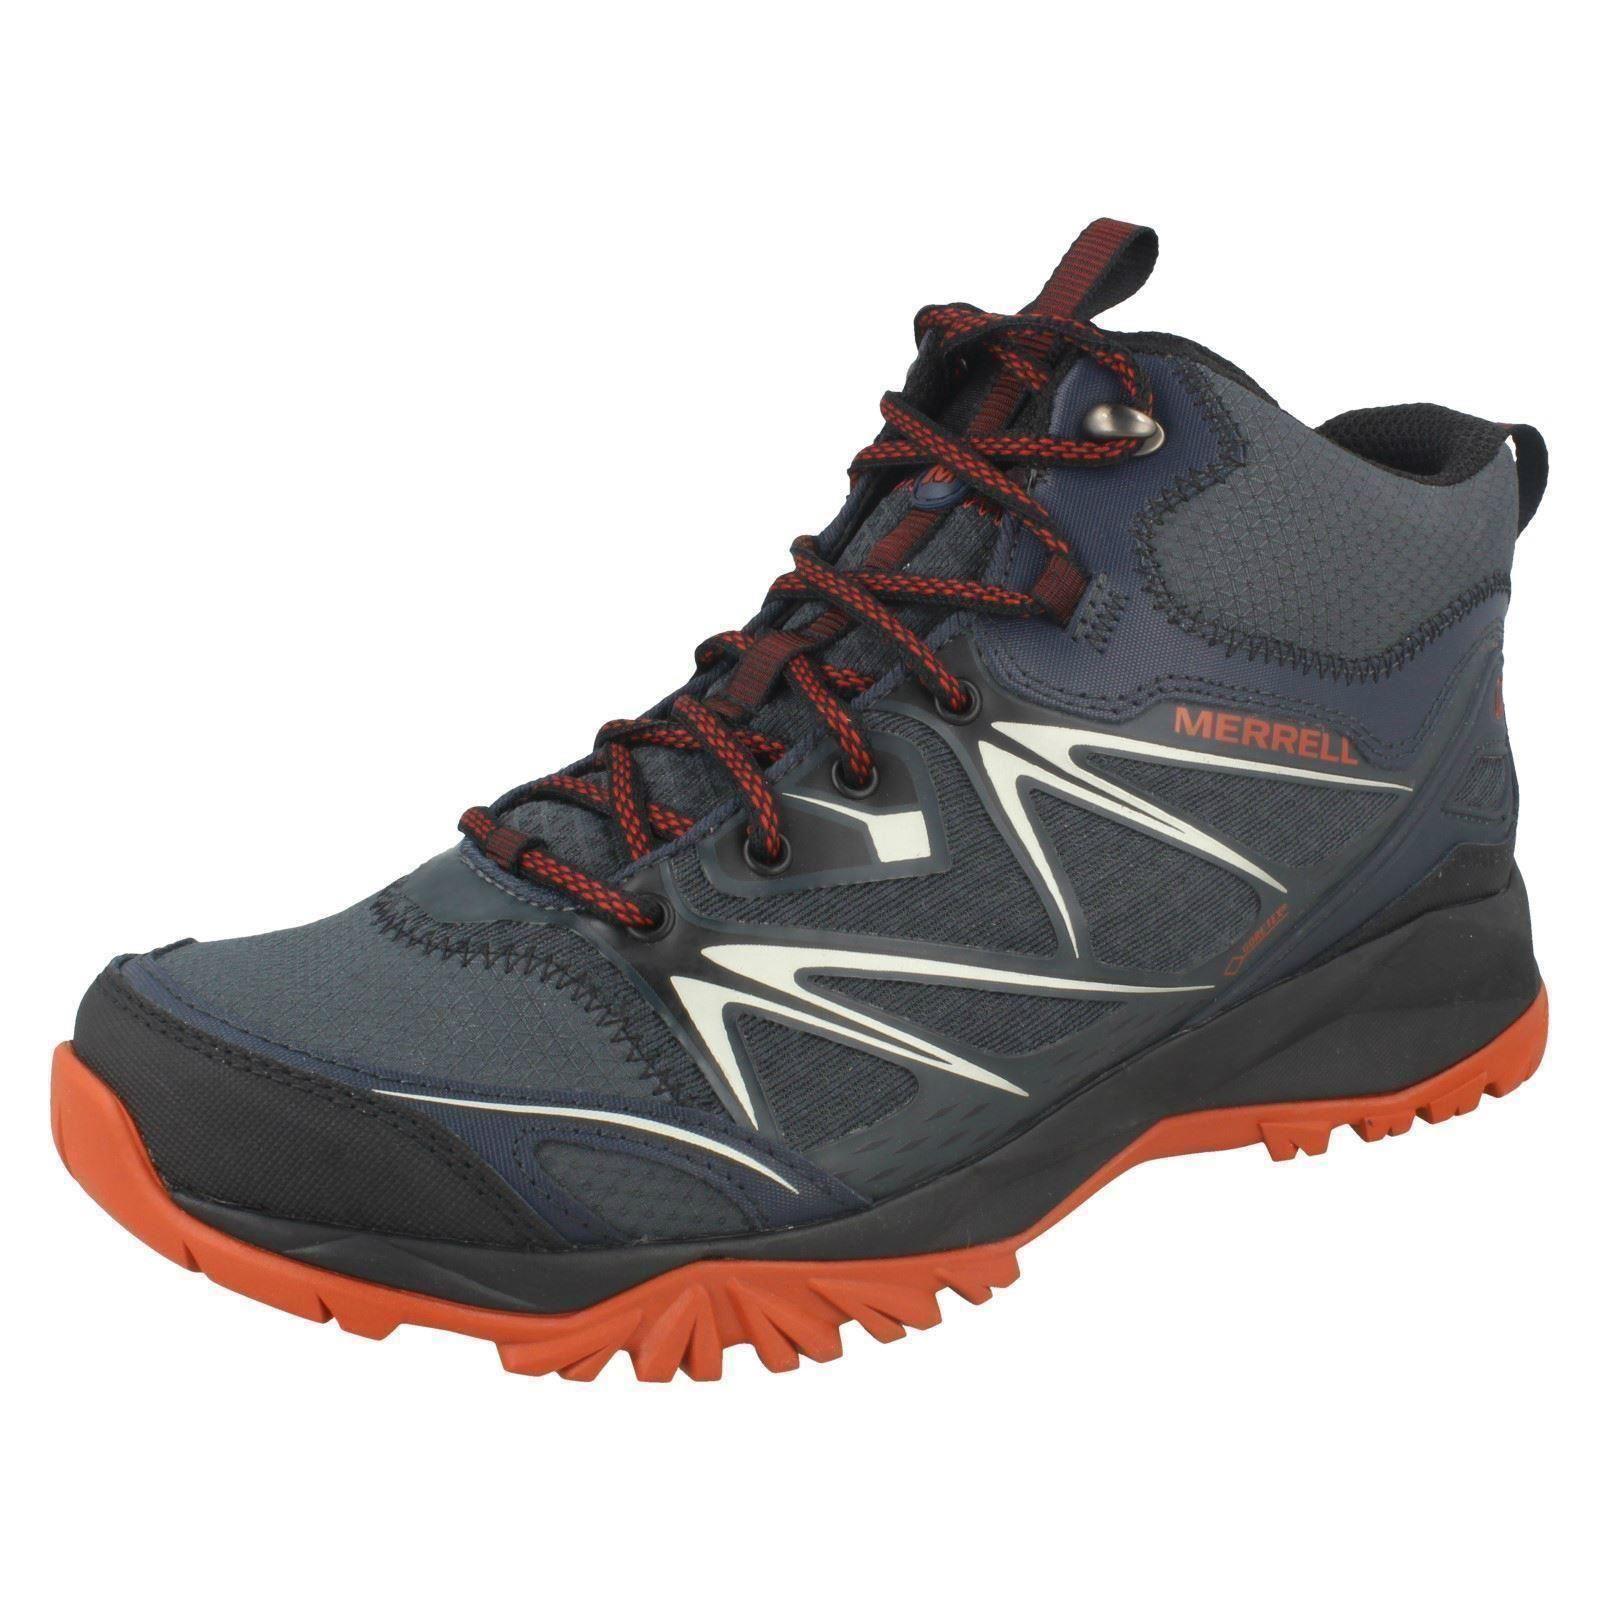 Mens Merrell Walking Boots Capra Bolt Mid Gore-Tex J35719 J35719 J35719 3196c3